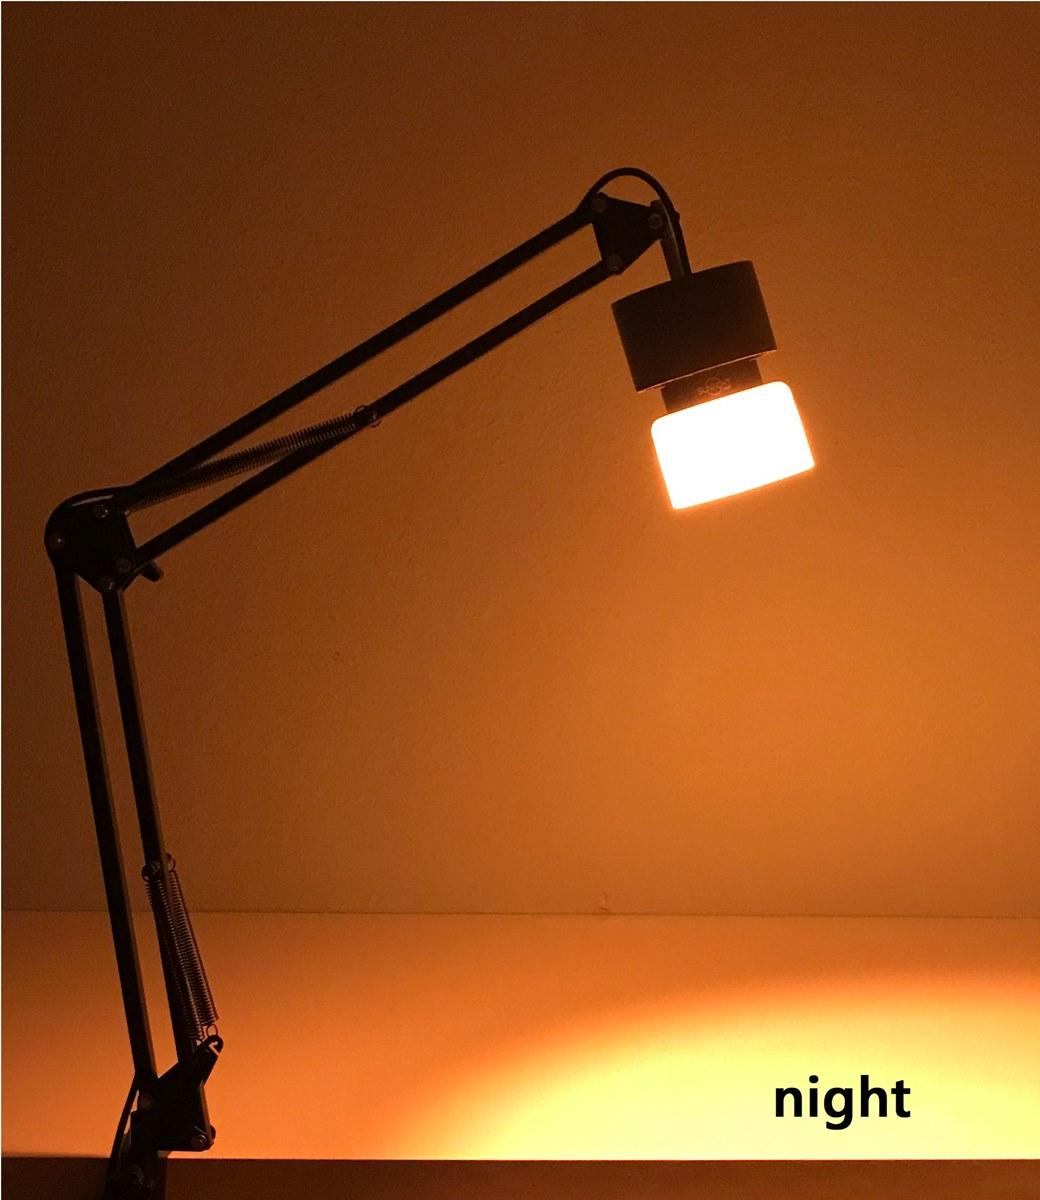 Natural Light Lamp For Better Health